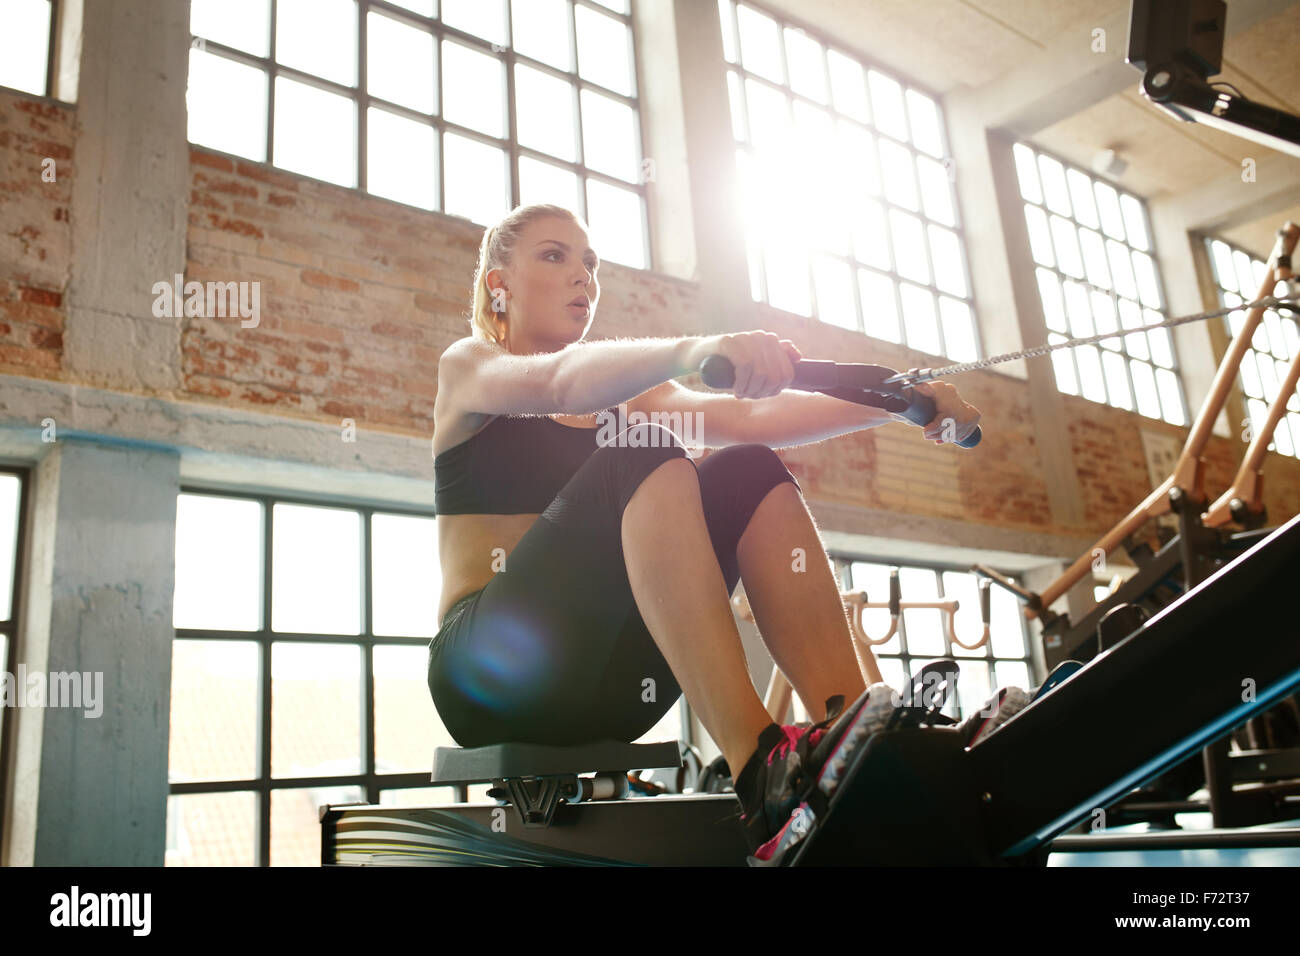 Giovane donna caucasica facendo esercizi sulla macchina fitness in palestra. Femmina con vogatore al fitness club. Immagini Stock